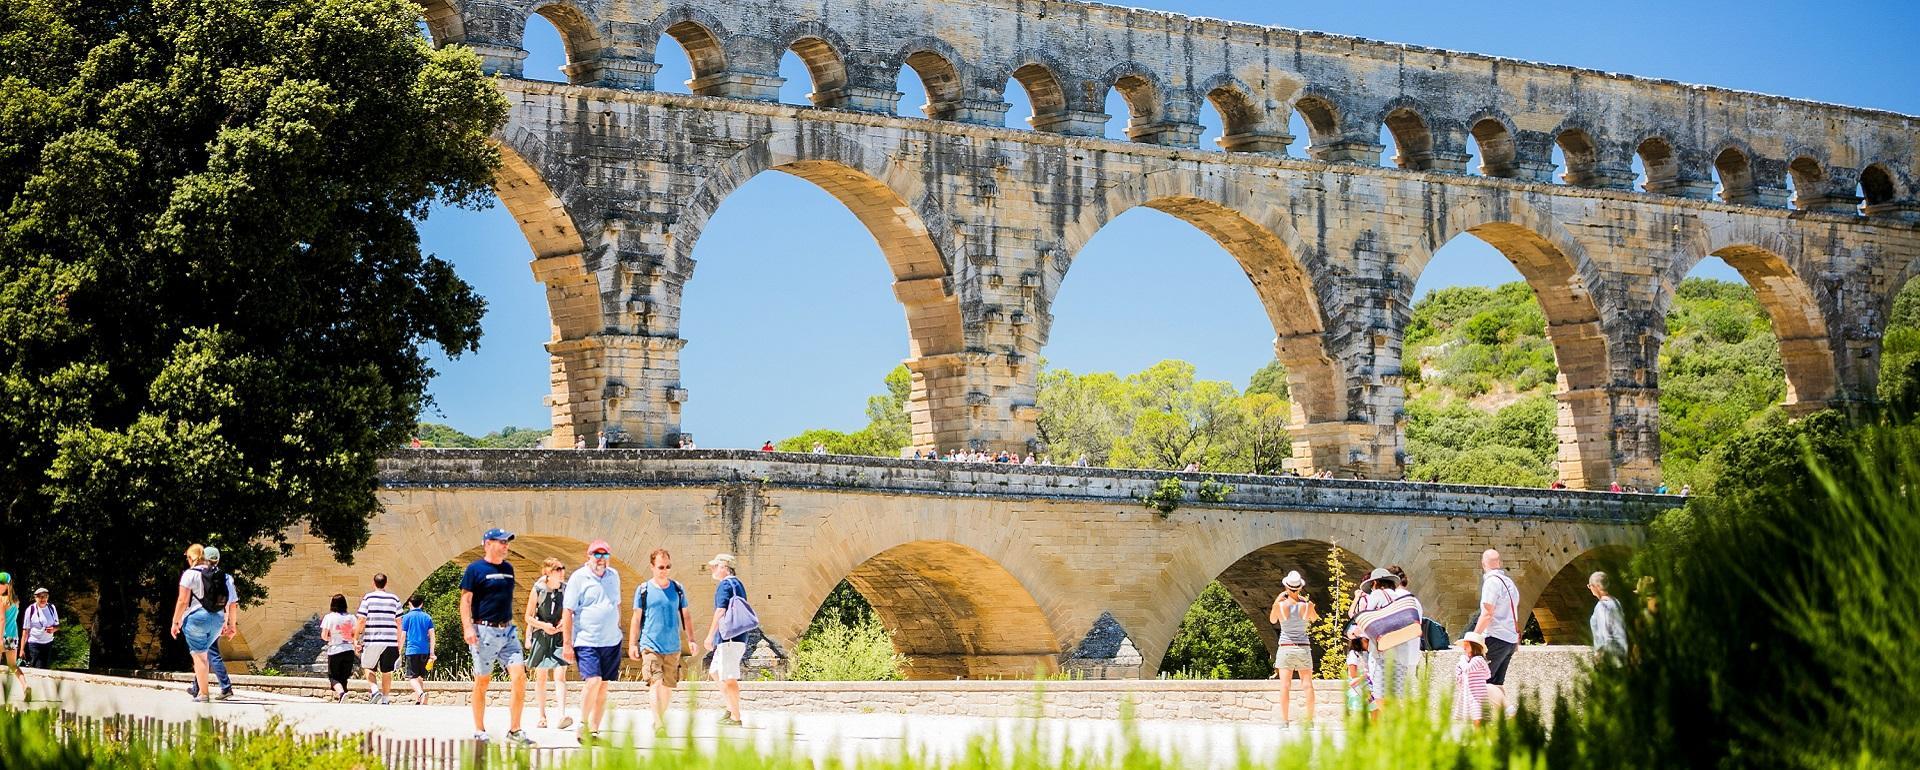 Le pont du Gard est le plus haut aqueduc du monde romain à trois niveaux.